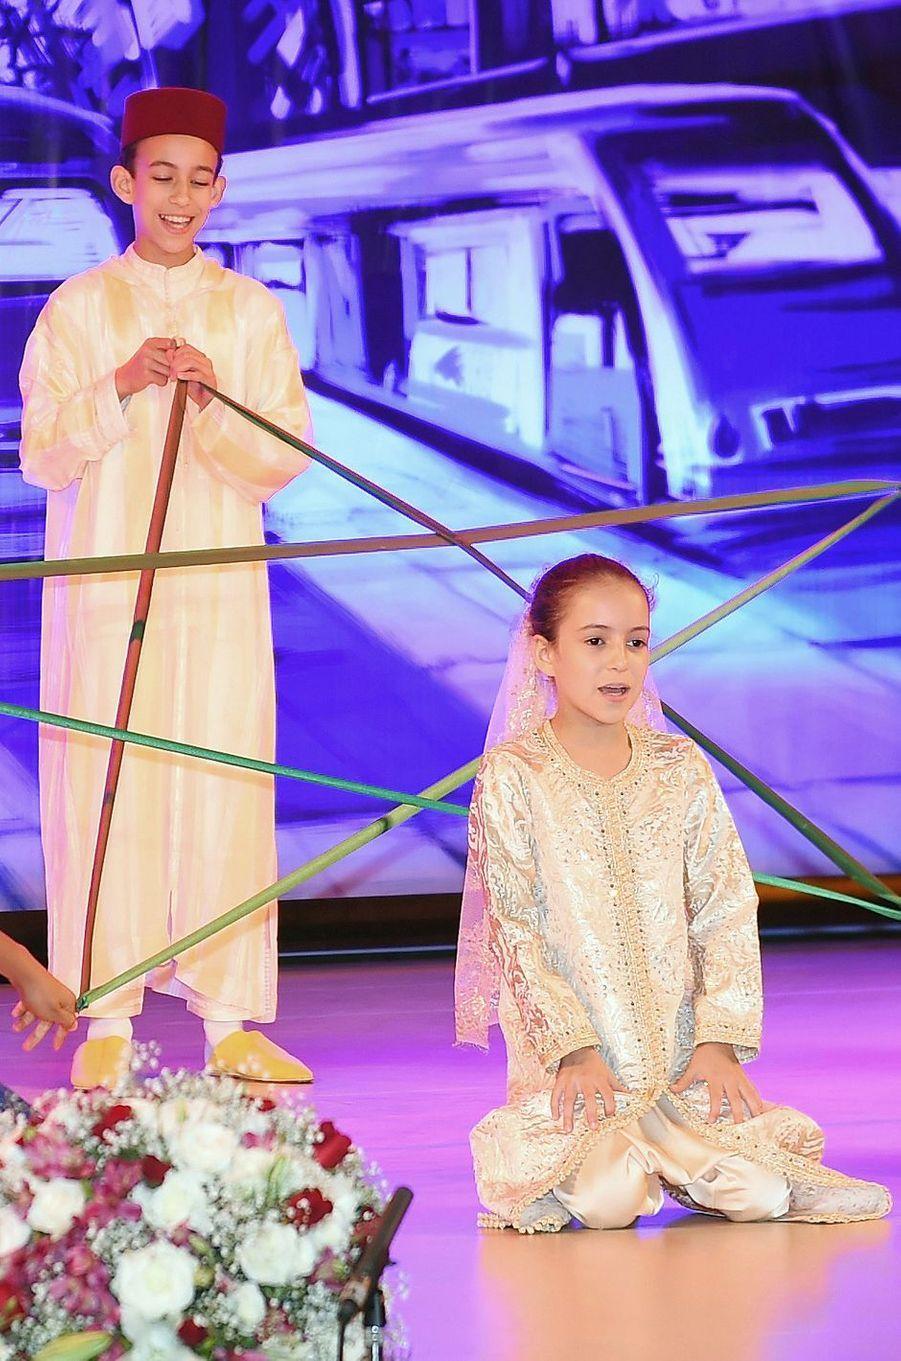 La princesse Lalla Khadija du Maroc avec son frère le prince Moulay El Hassan, le 17 juin 2015